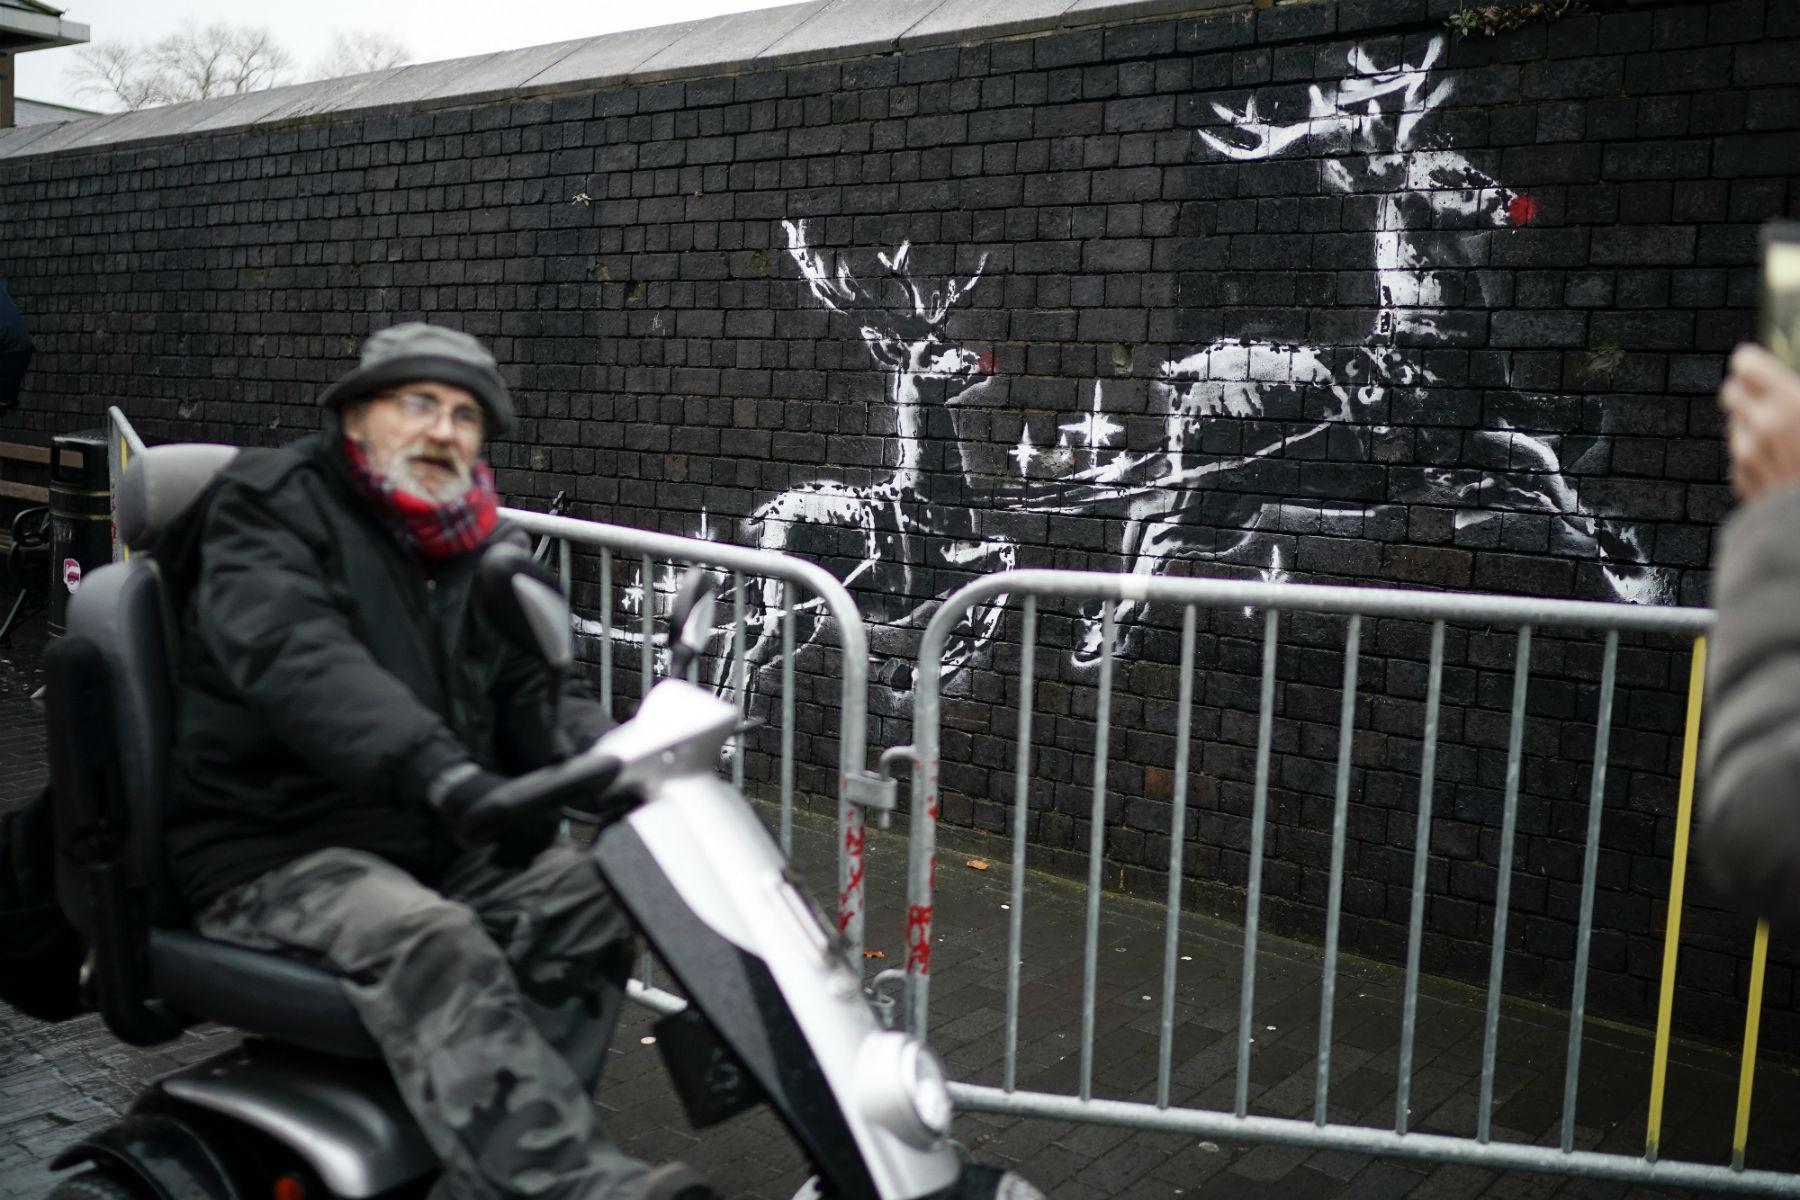 Fotograf Banksy'ego zdradził dlaczego artysta nigdy niezostał aresztowany